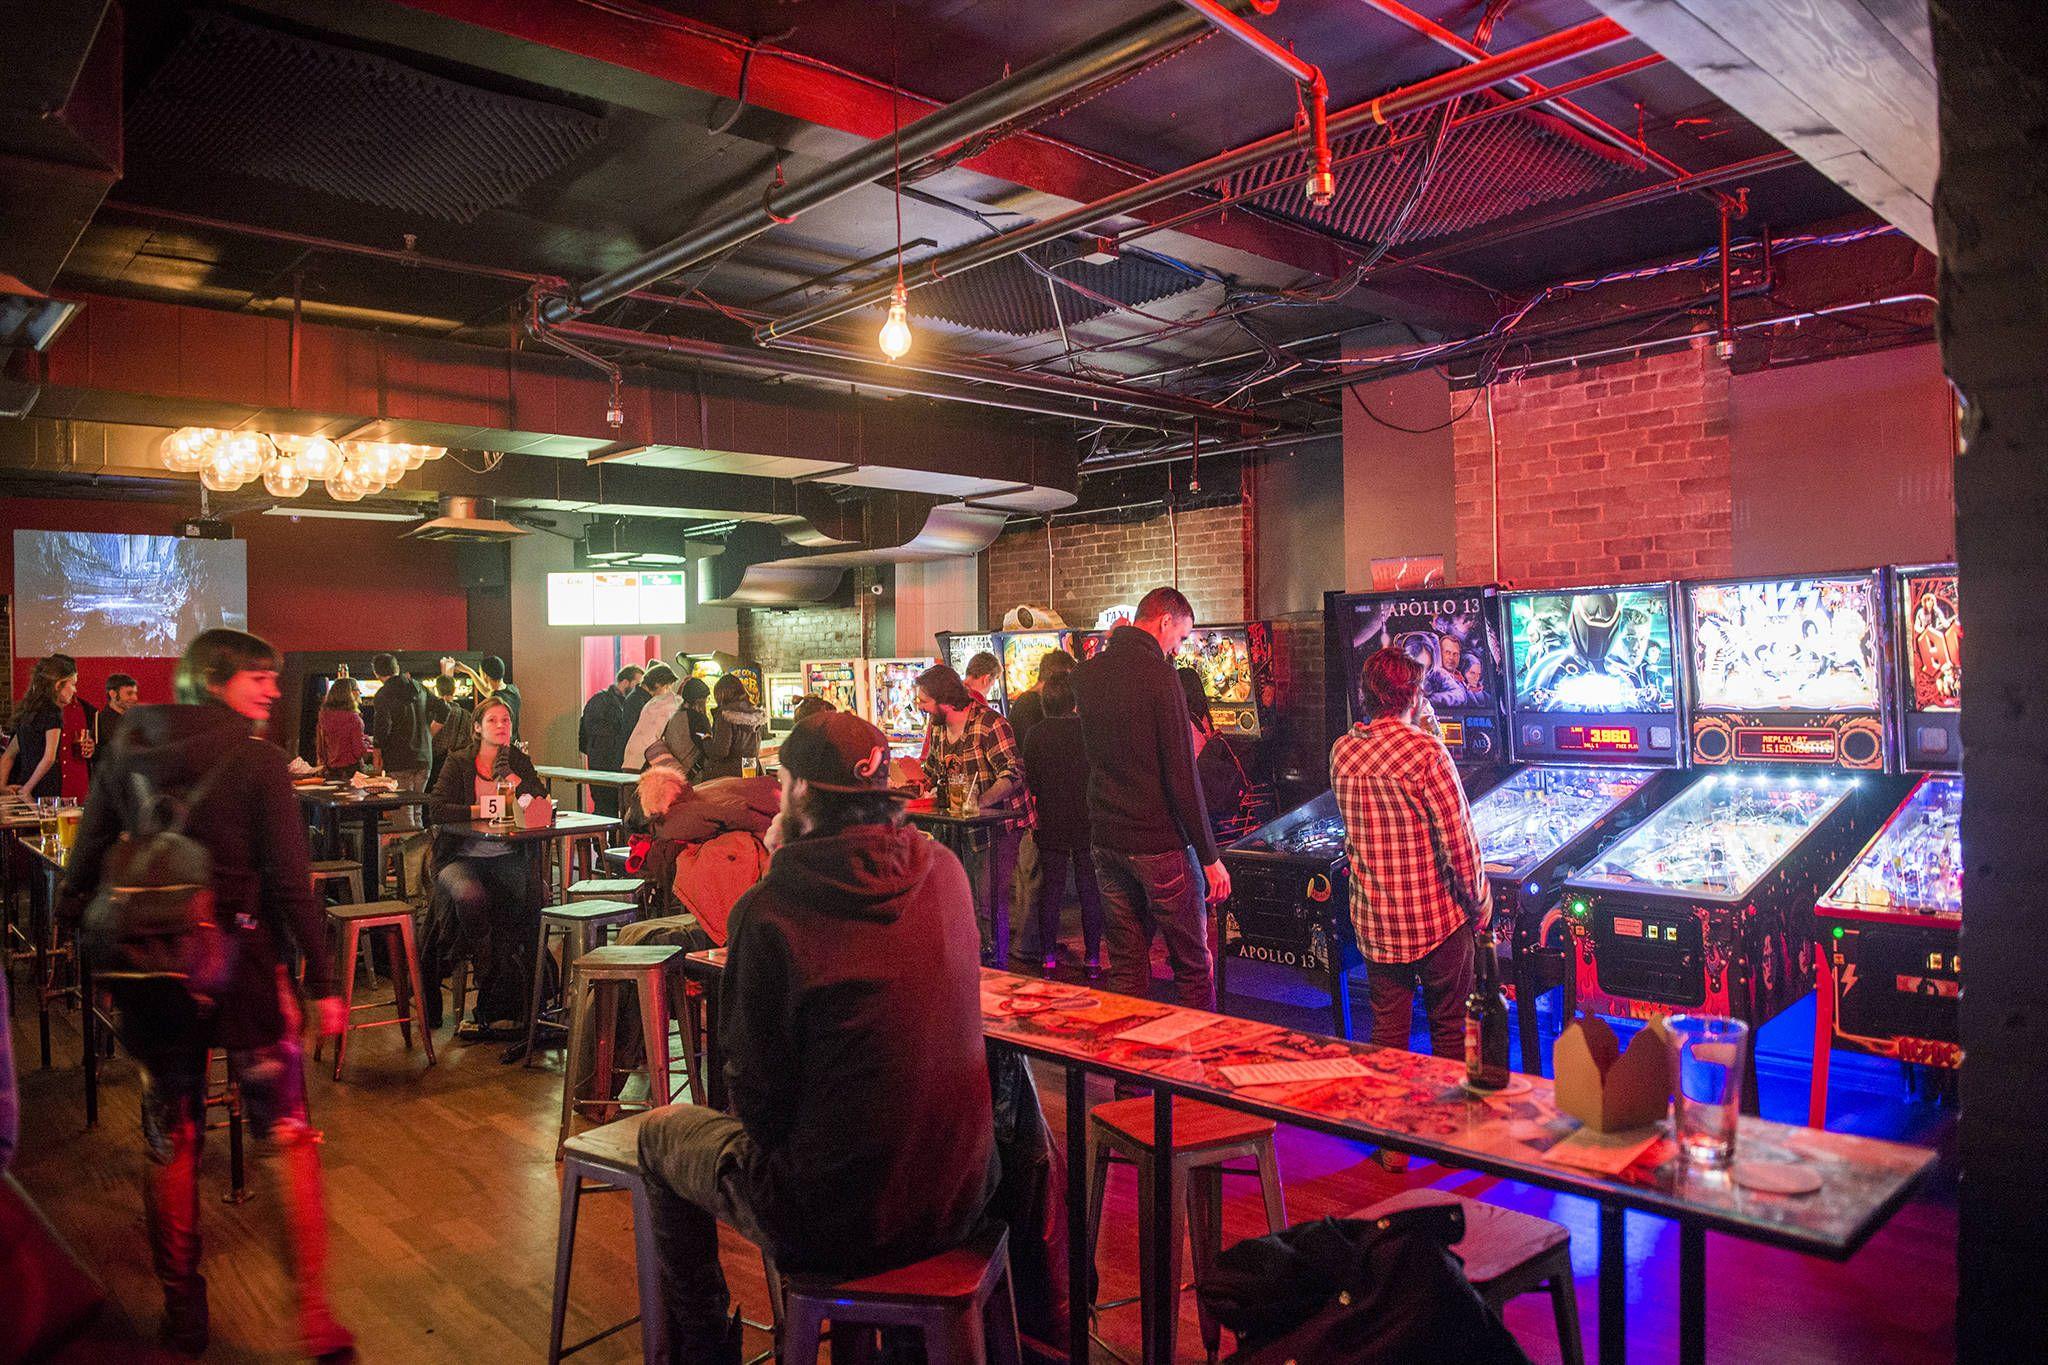 restaurants video games toronto Game cafe, Retro arcade